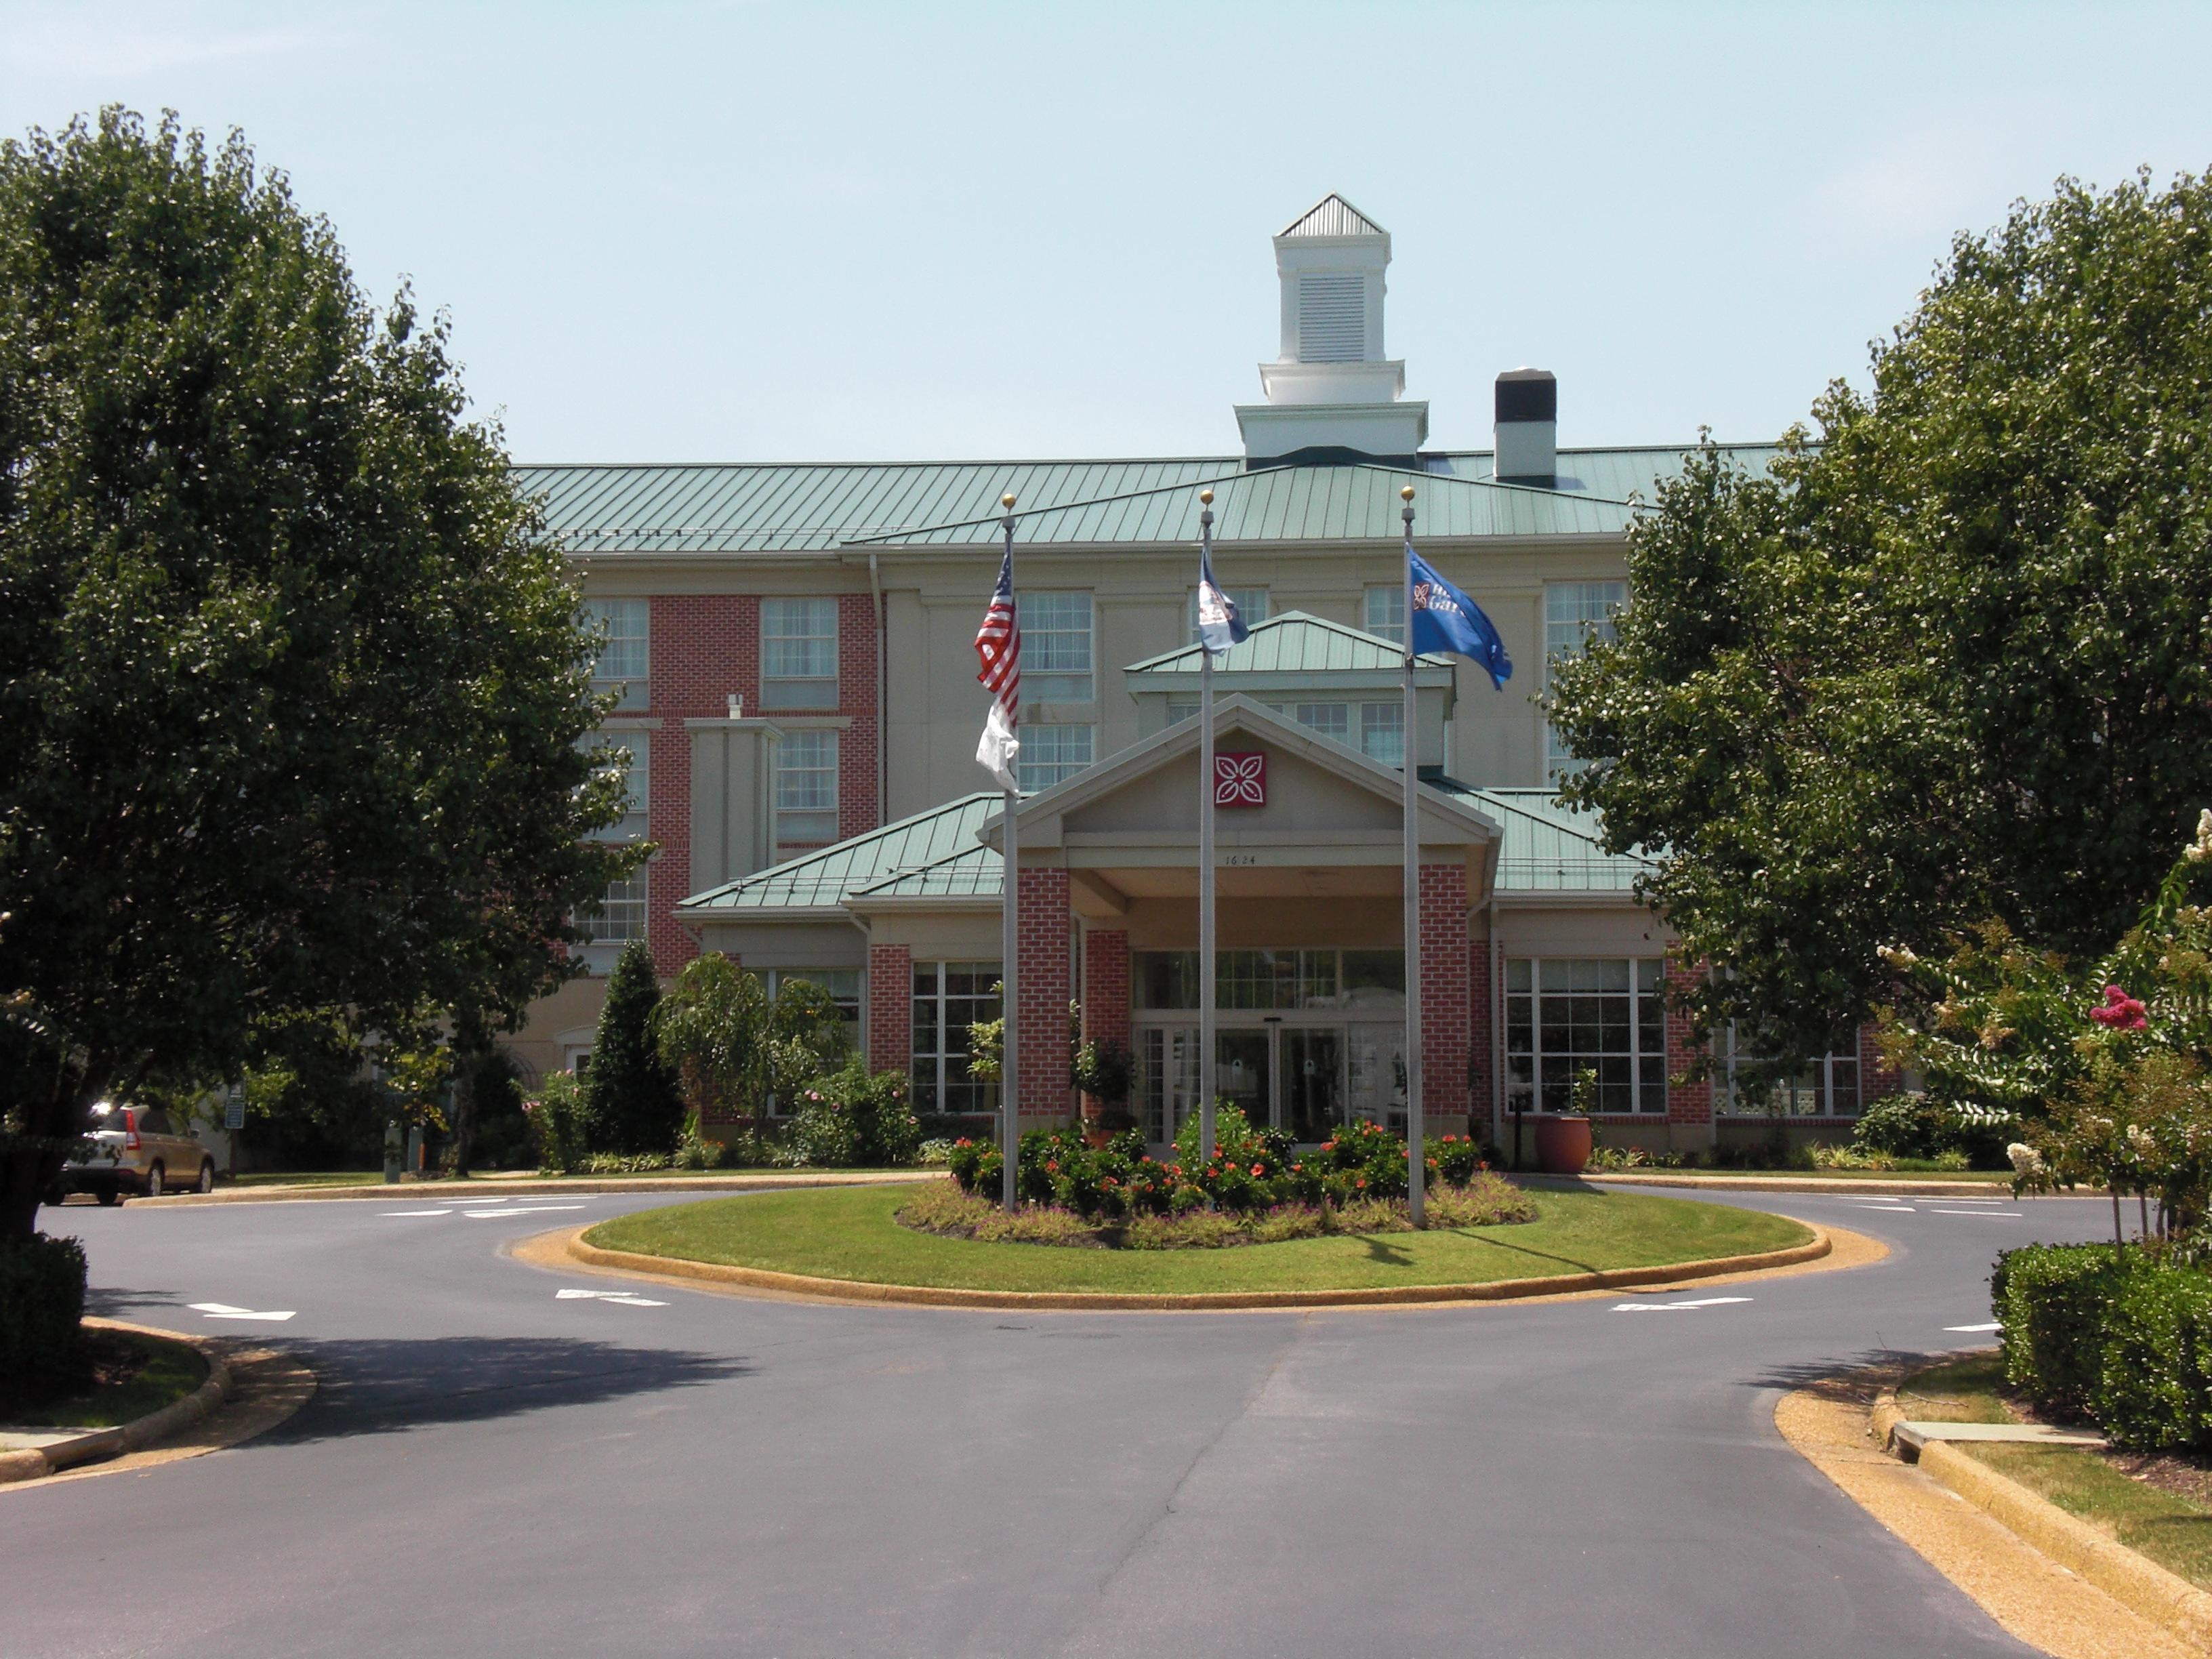 Welchen Ruf Hat Das Hotel Hilton Garden Inn Williamsburg In Williamsburg Bewertungen